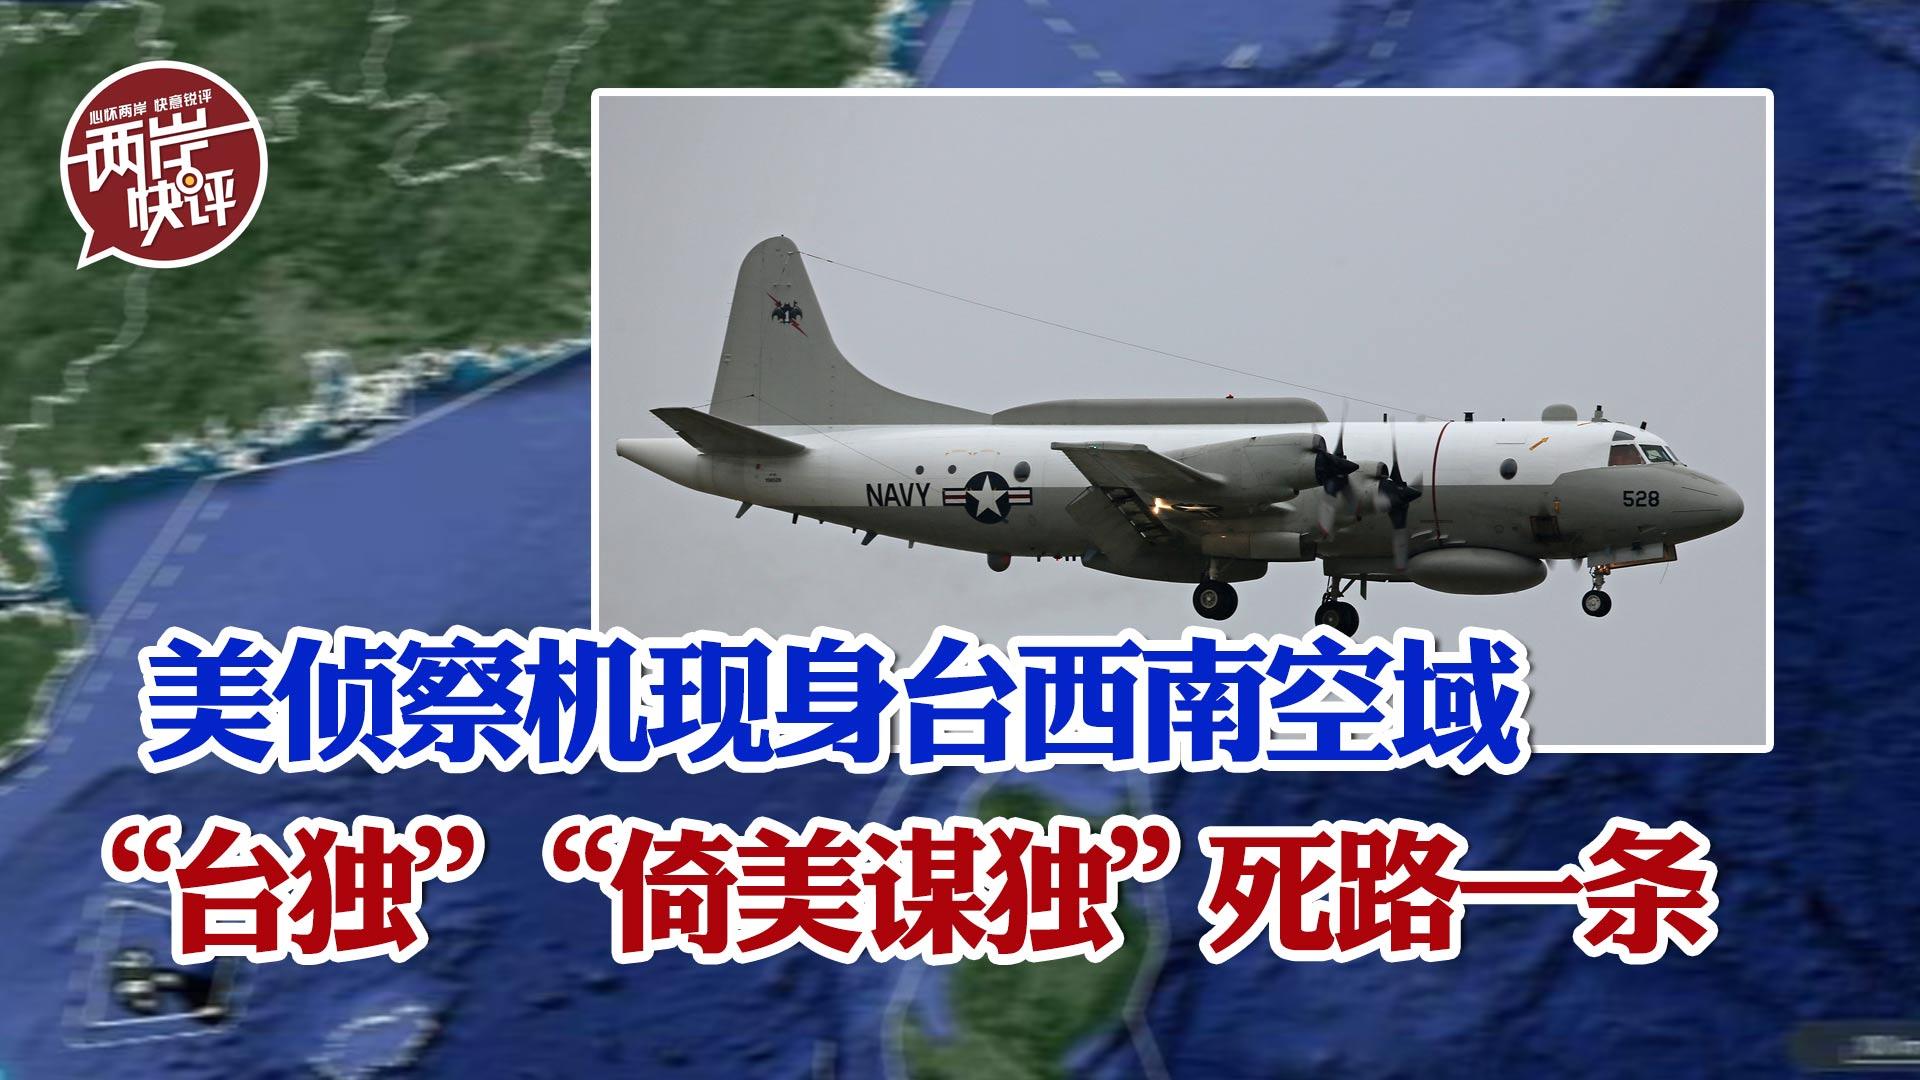 中美軍機臺海對峙成常態?民進黨若不認清現實臺灣將成祭品圖片